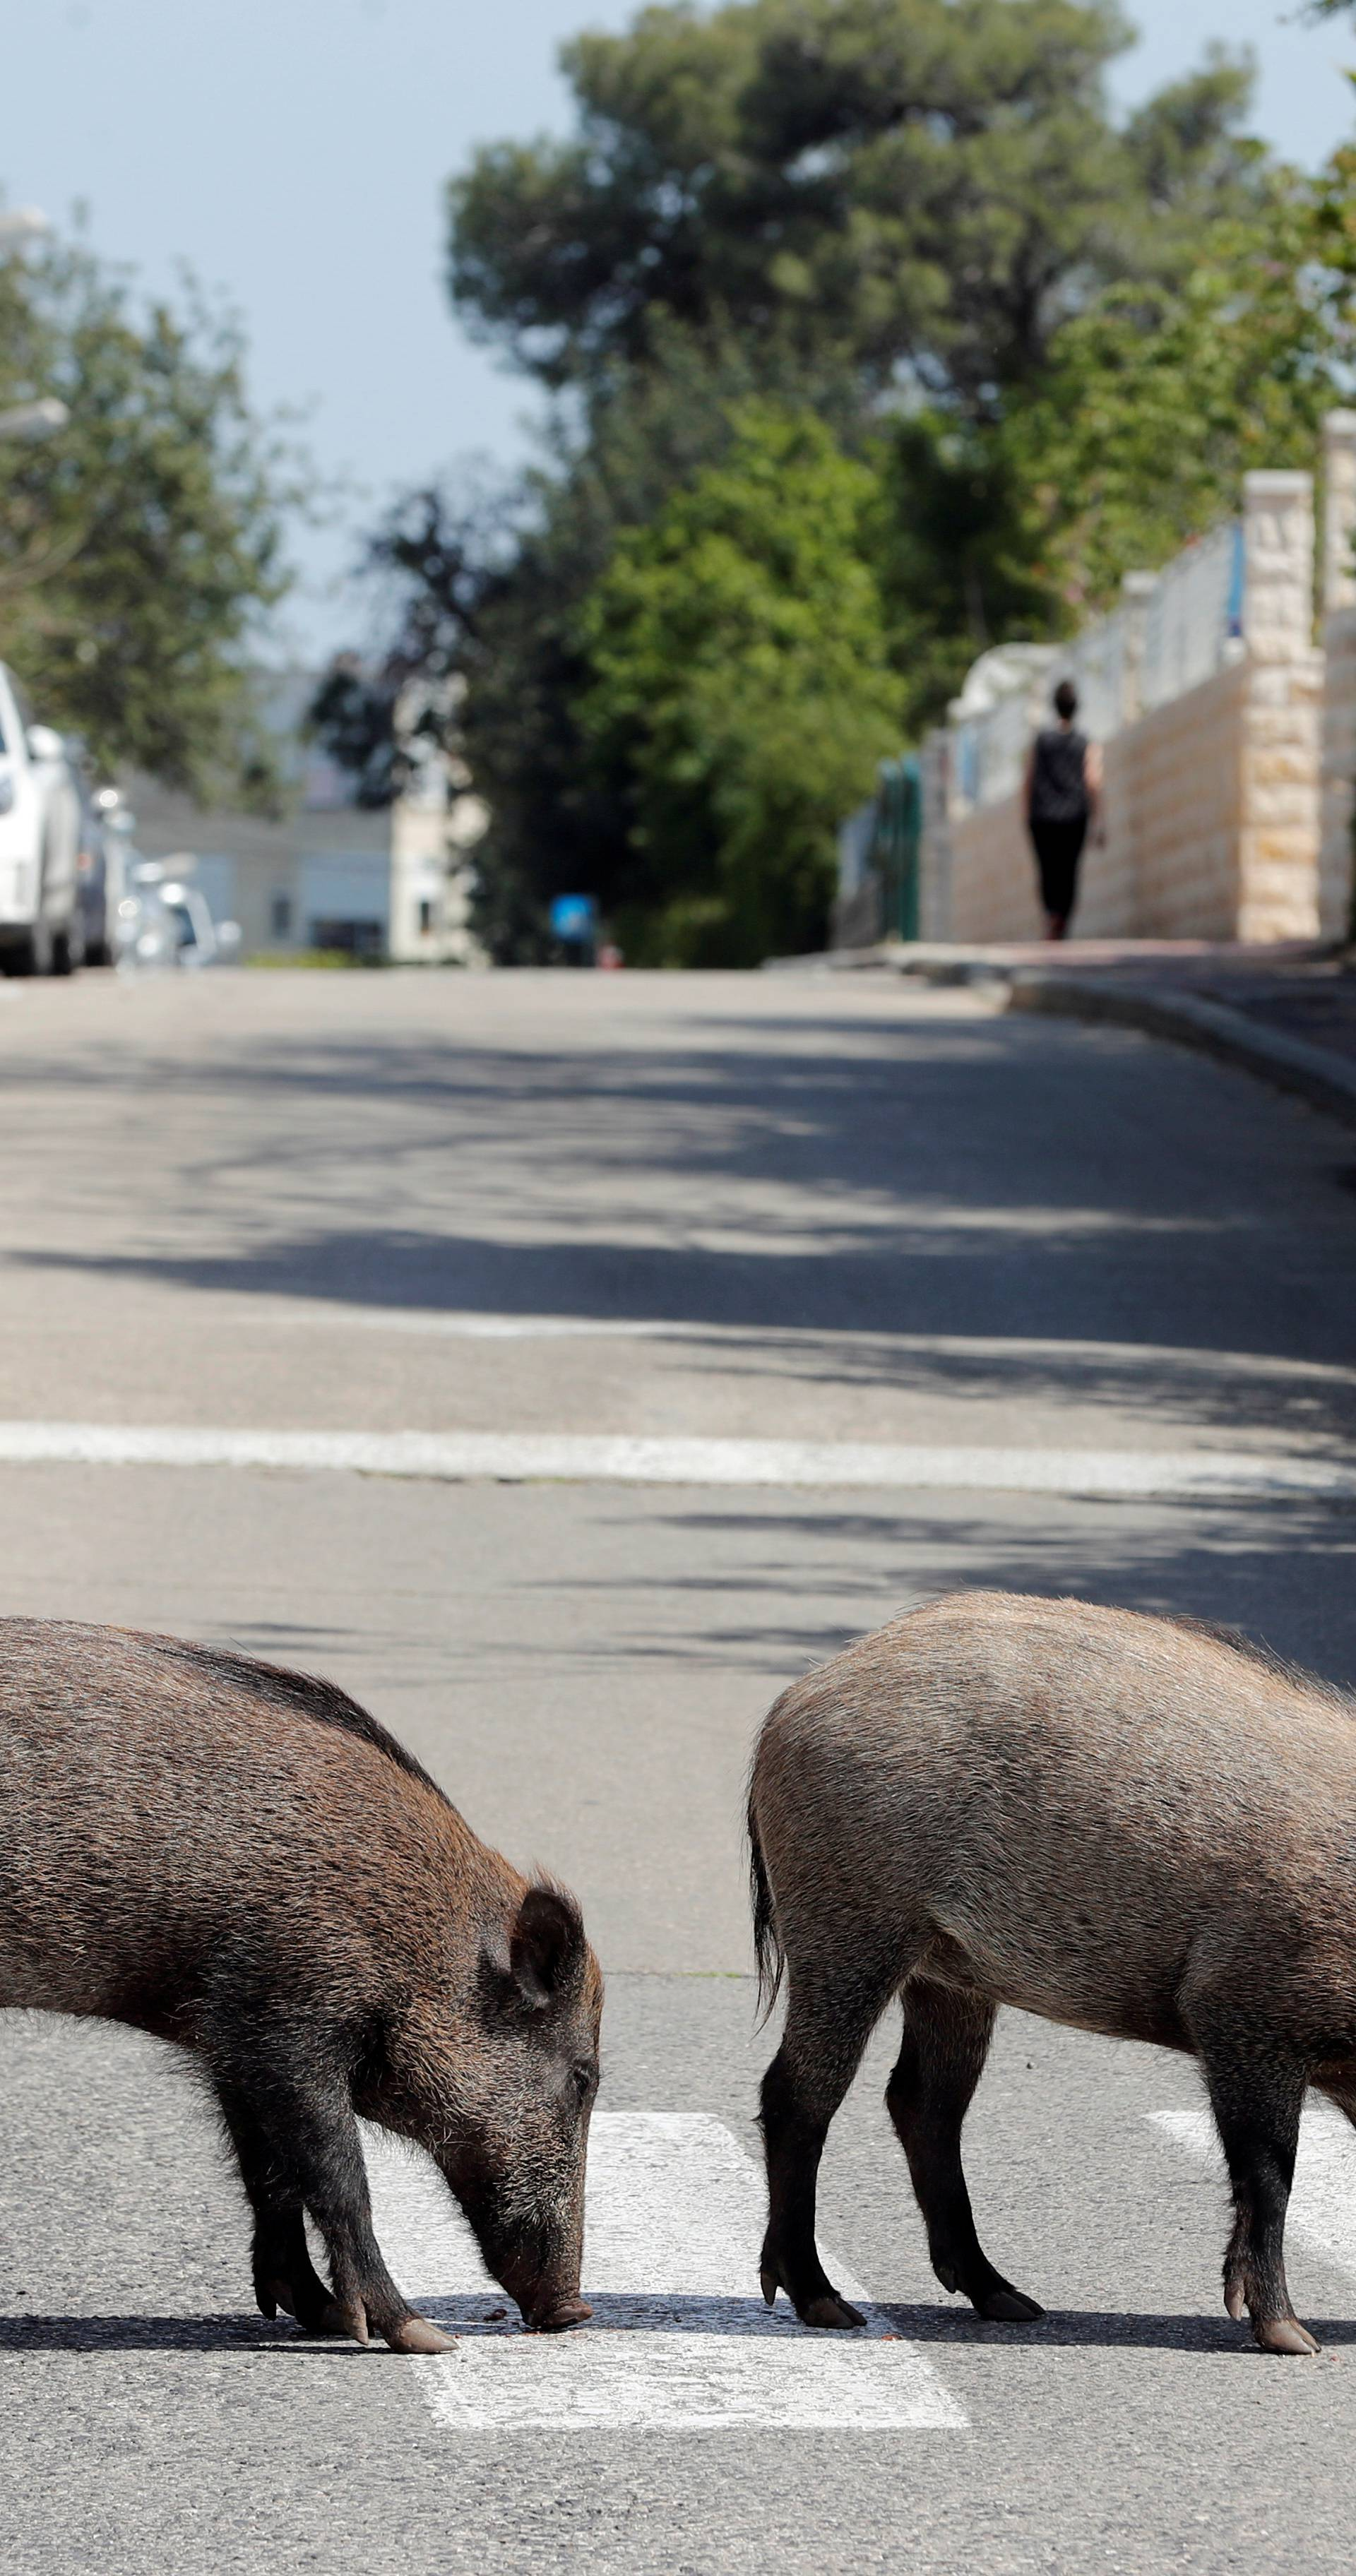 Kuda idu divlje svinje? Ovih dana u Izraelu - baš posvuda!